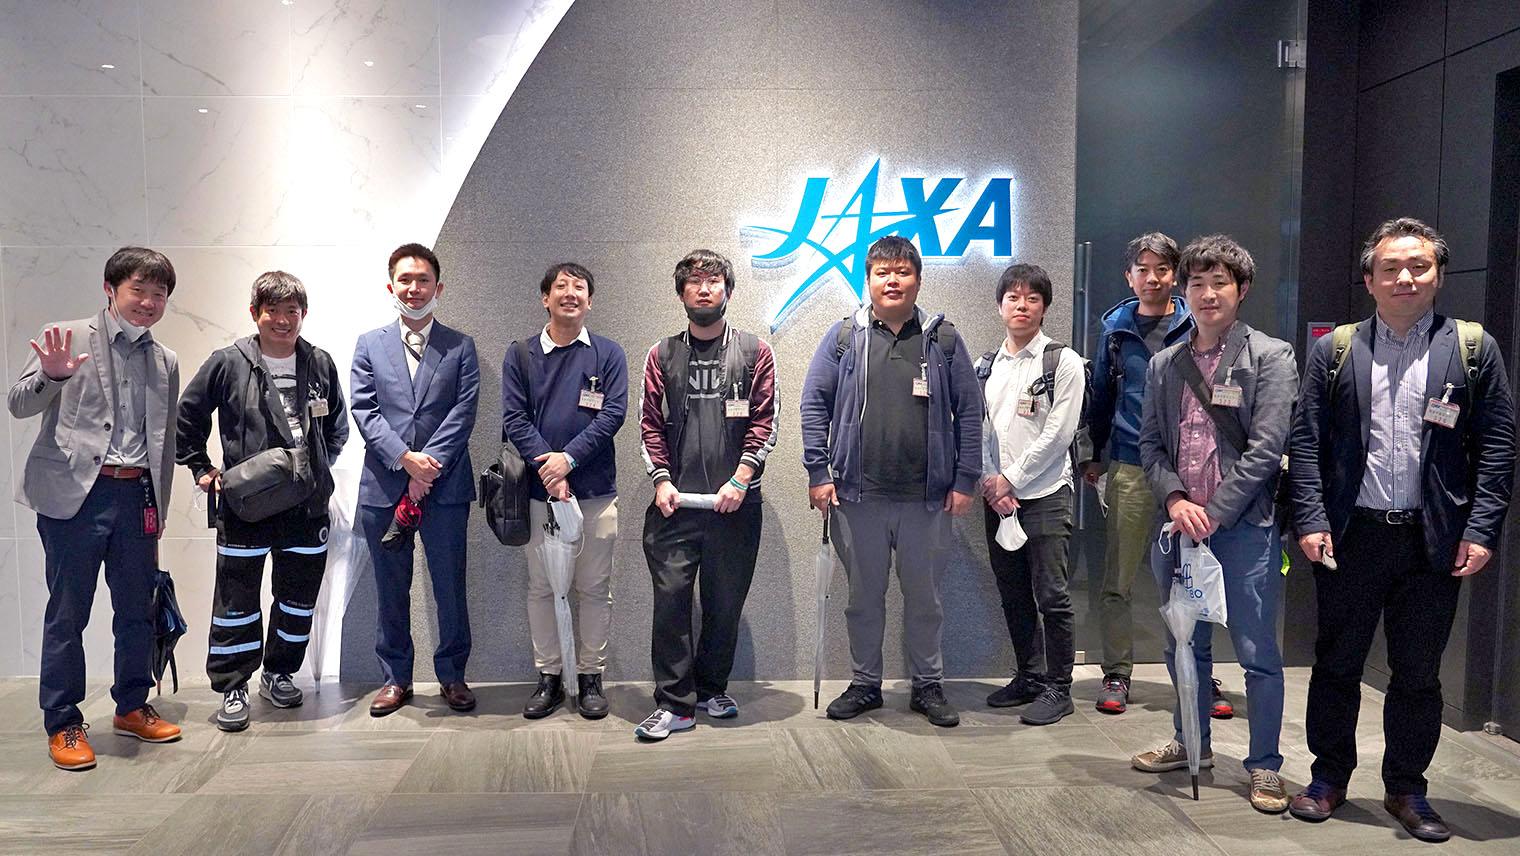 JAXAの施設内でプロジェクトメンバーの人たちが並んでいる写真